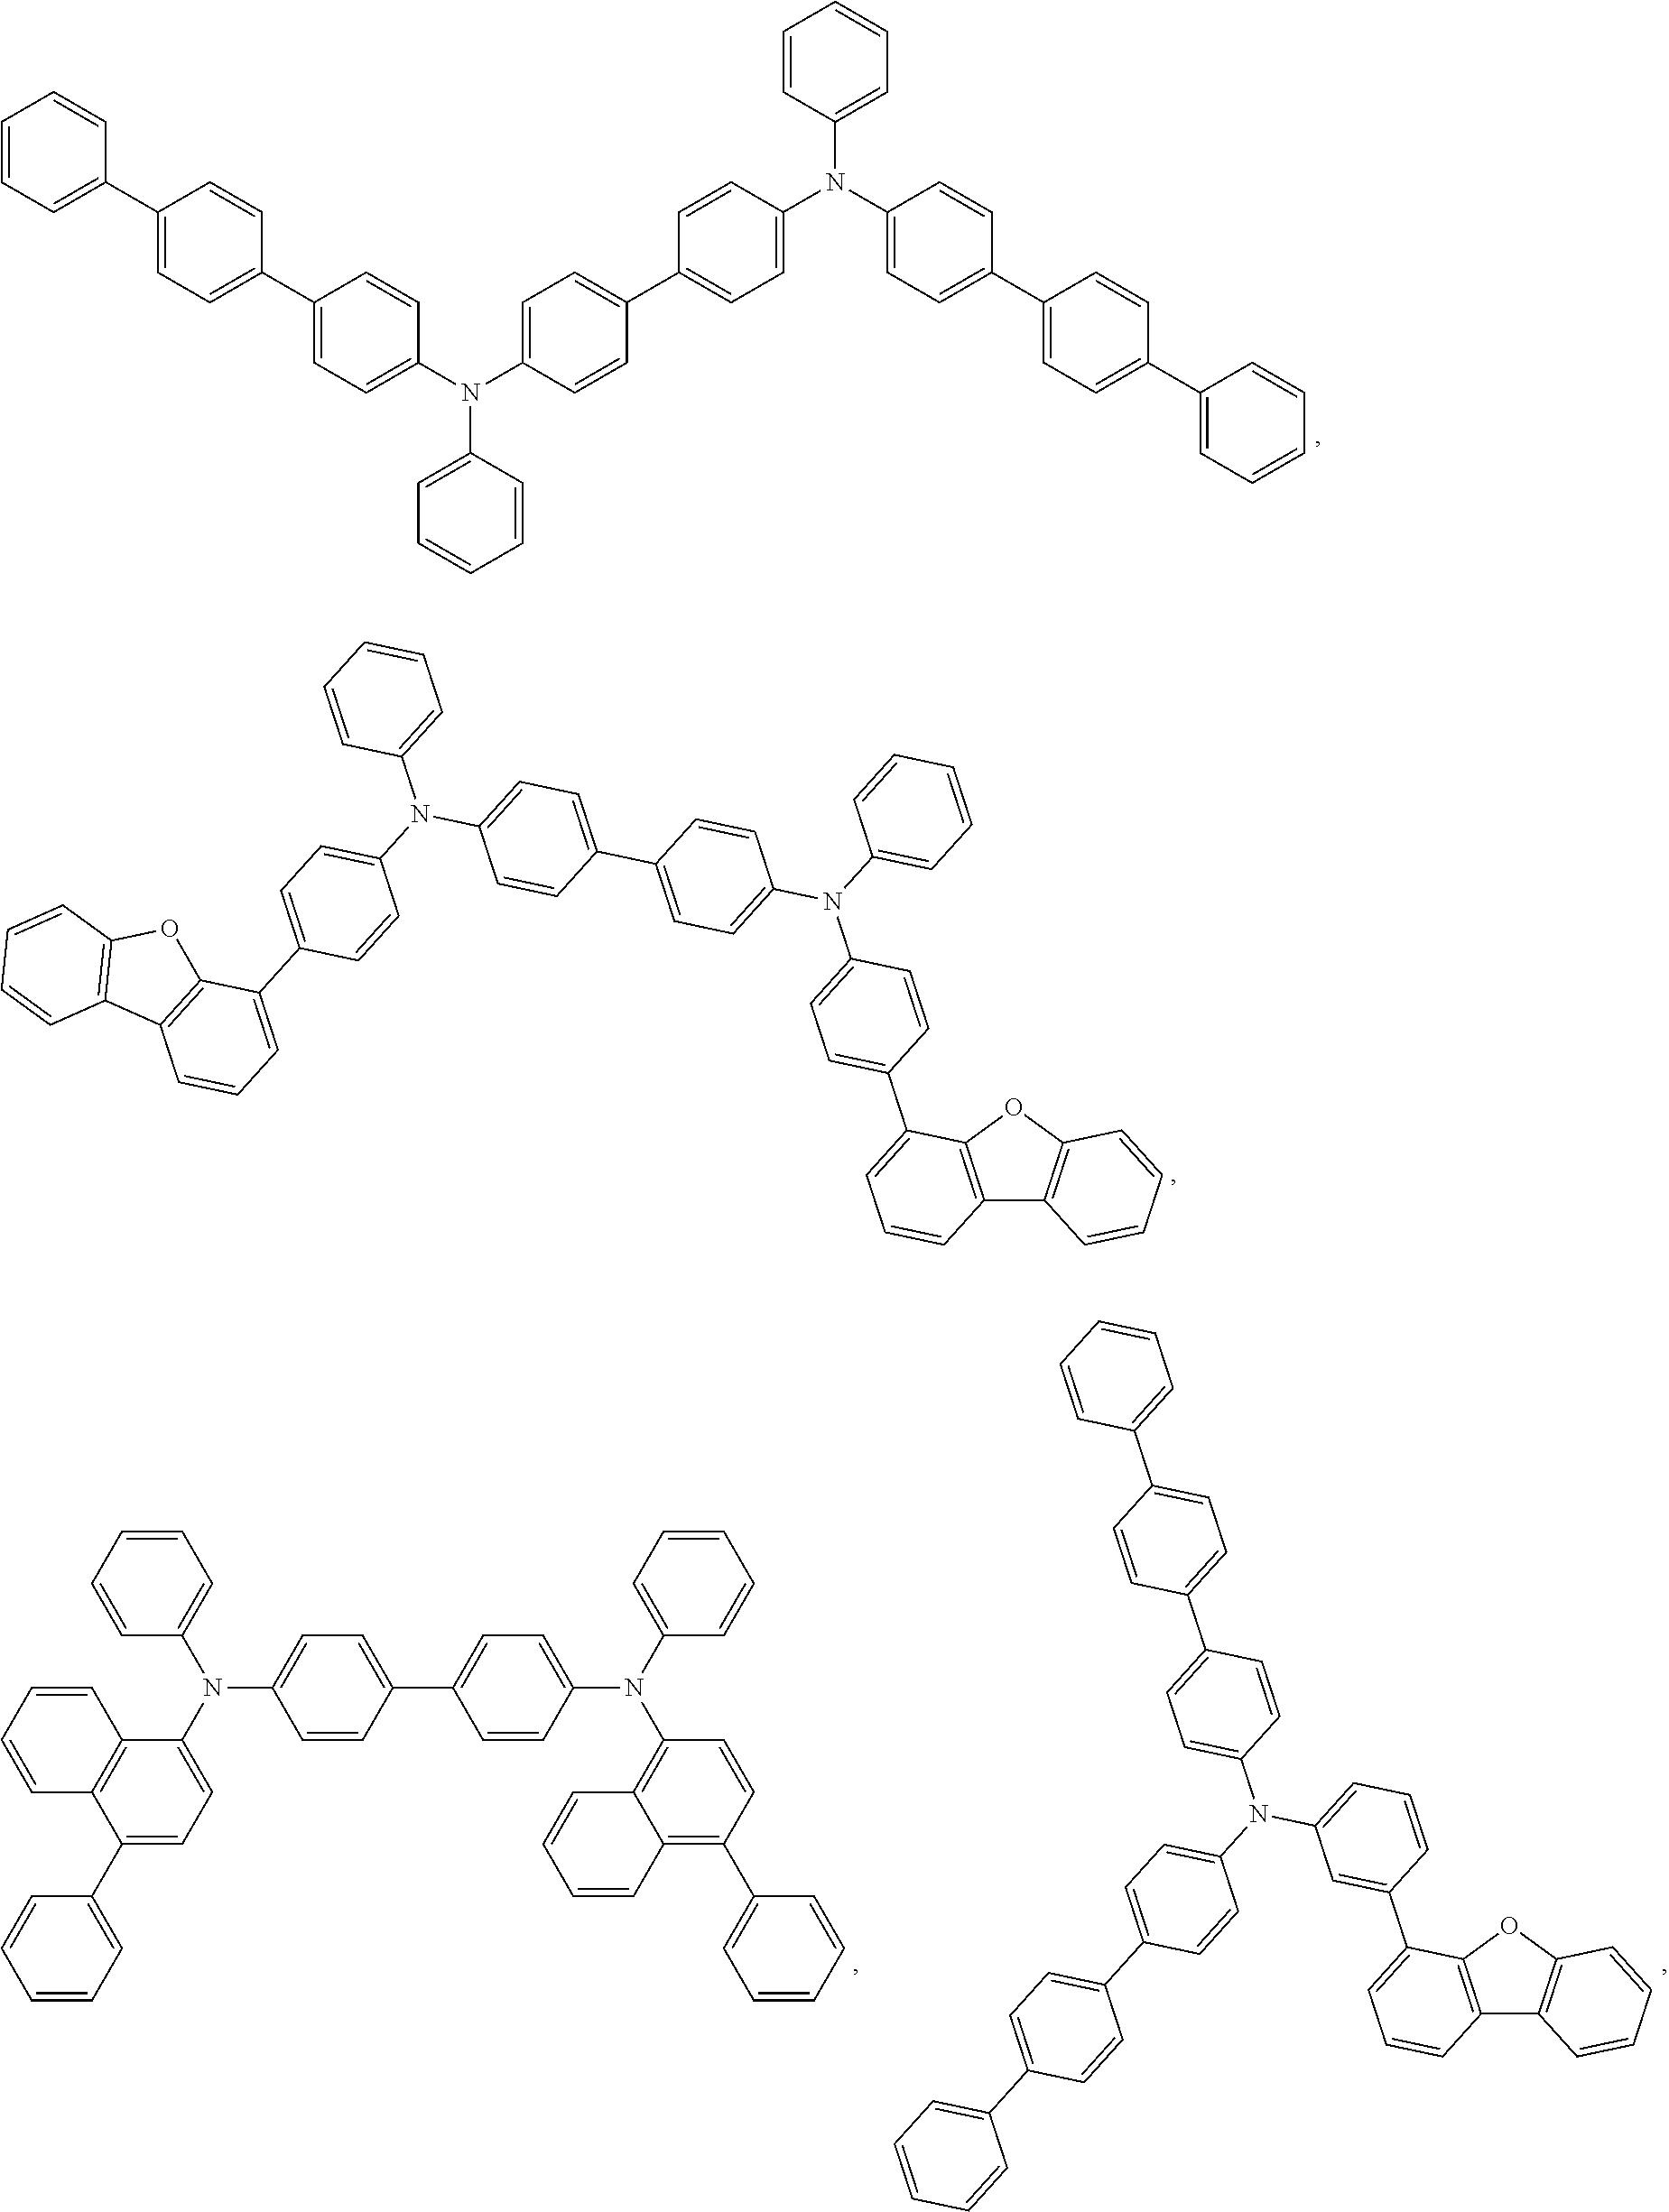 Figure US20190161504A1-20190530-C00031